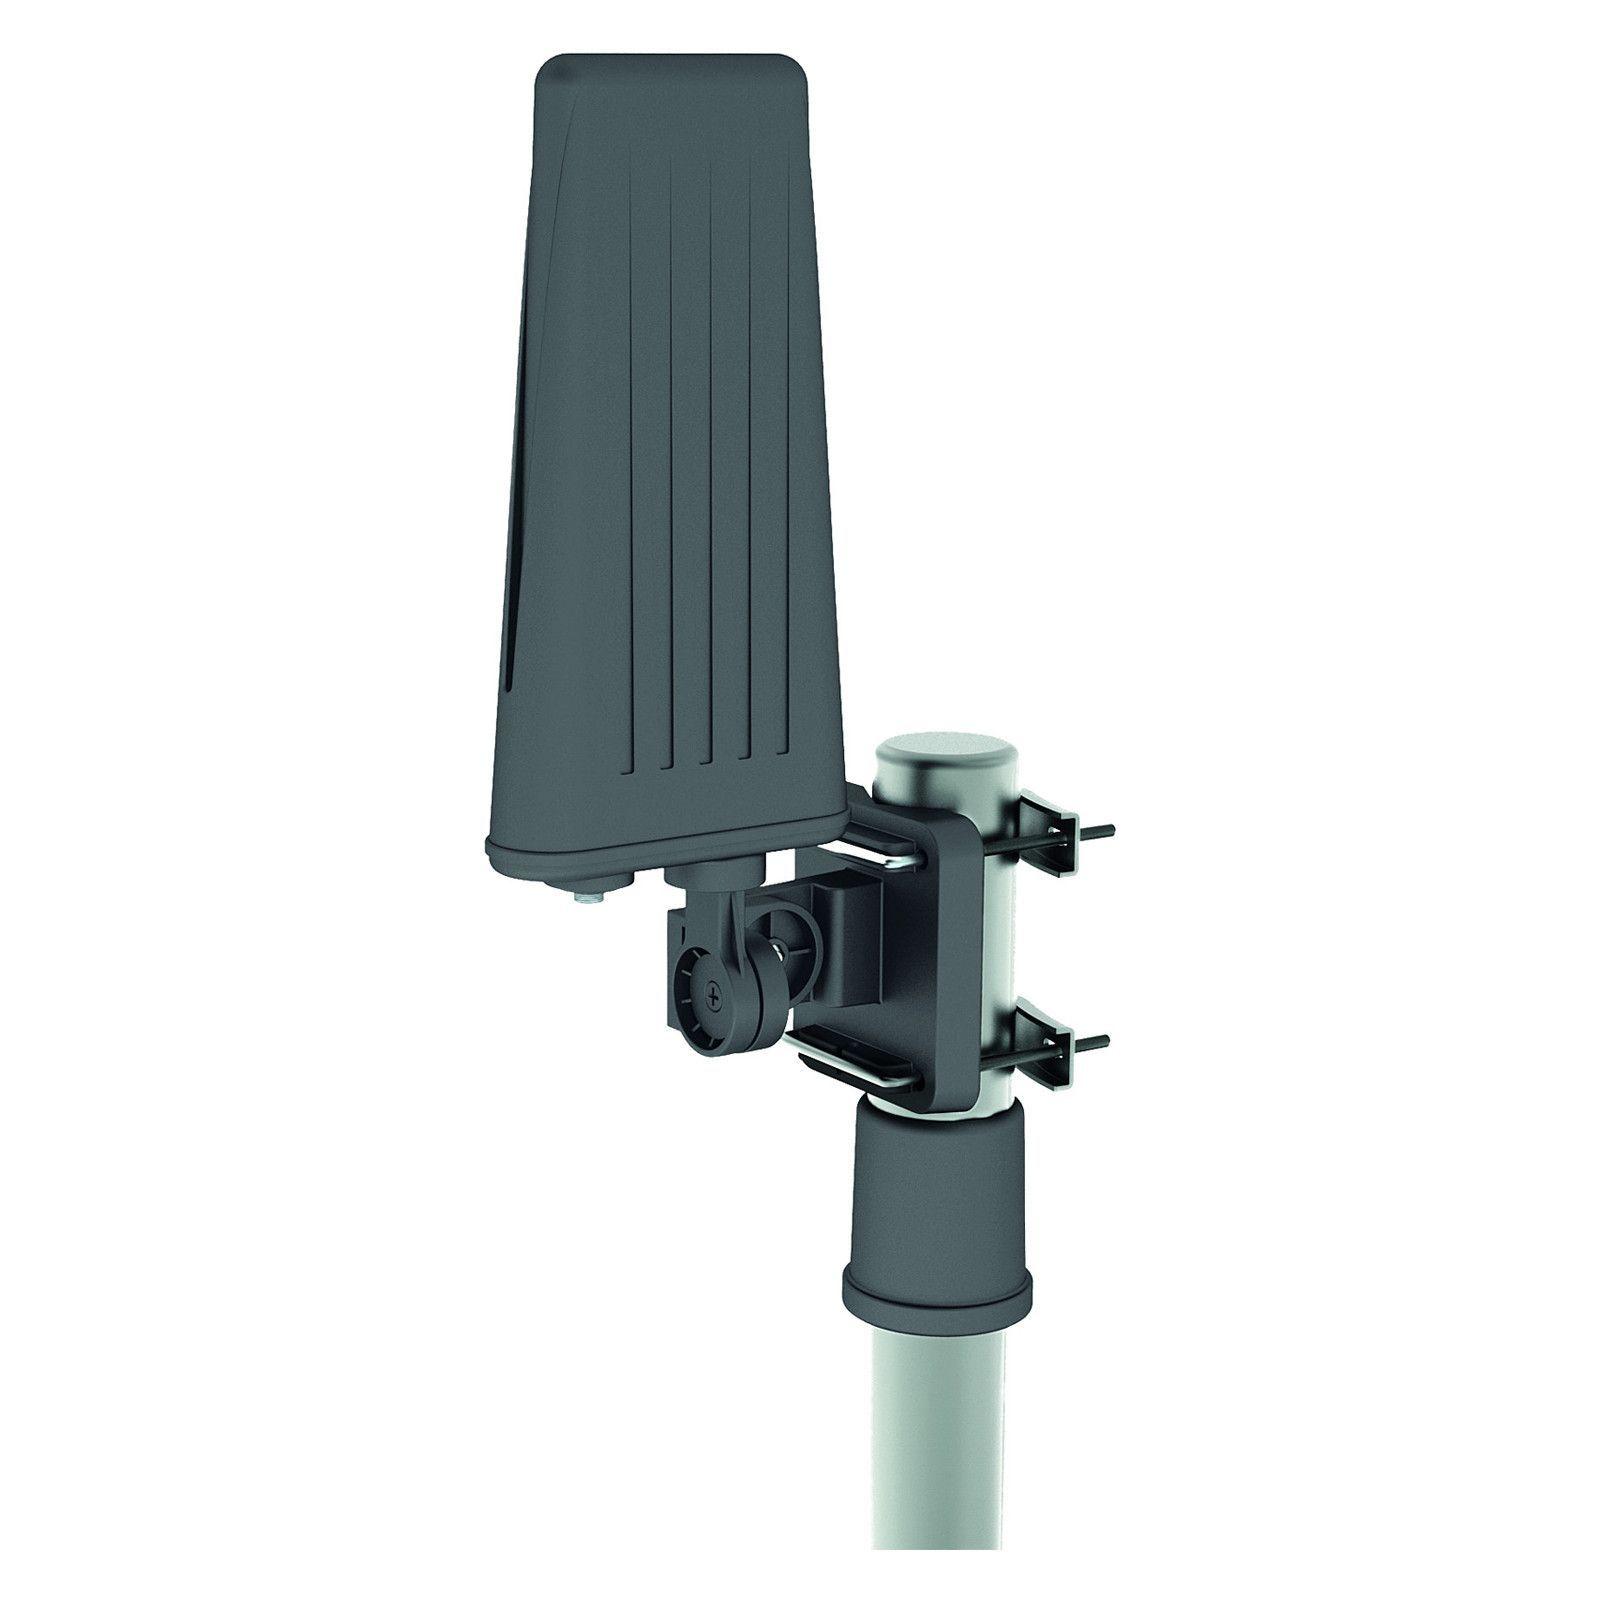 QFX Outdoor Antenna